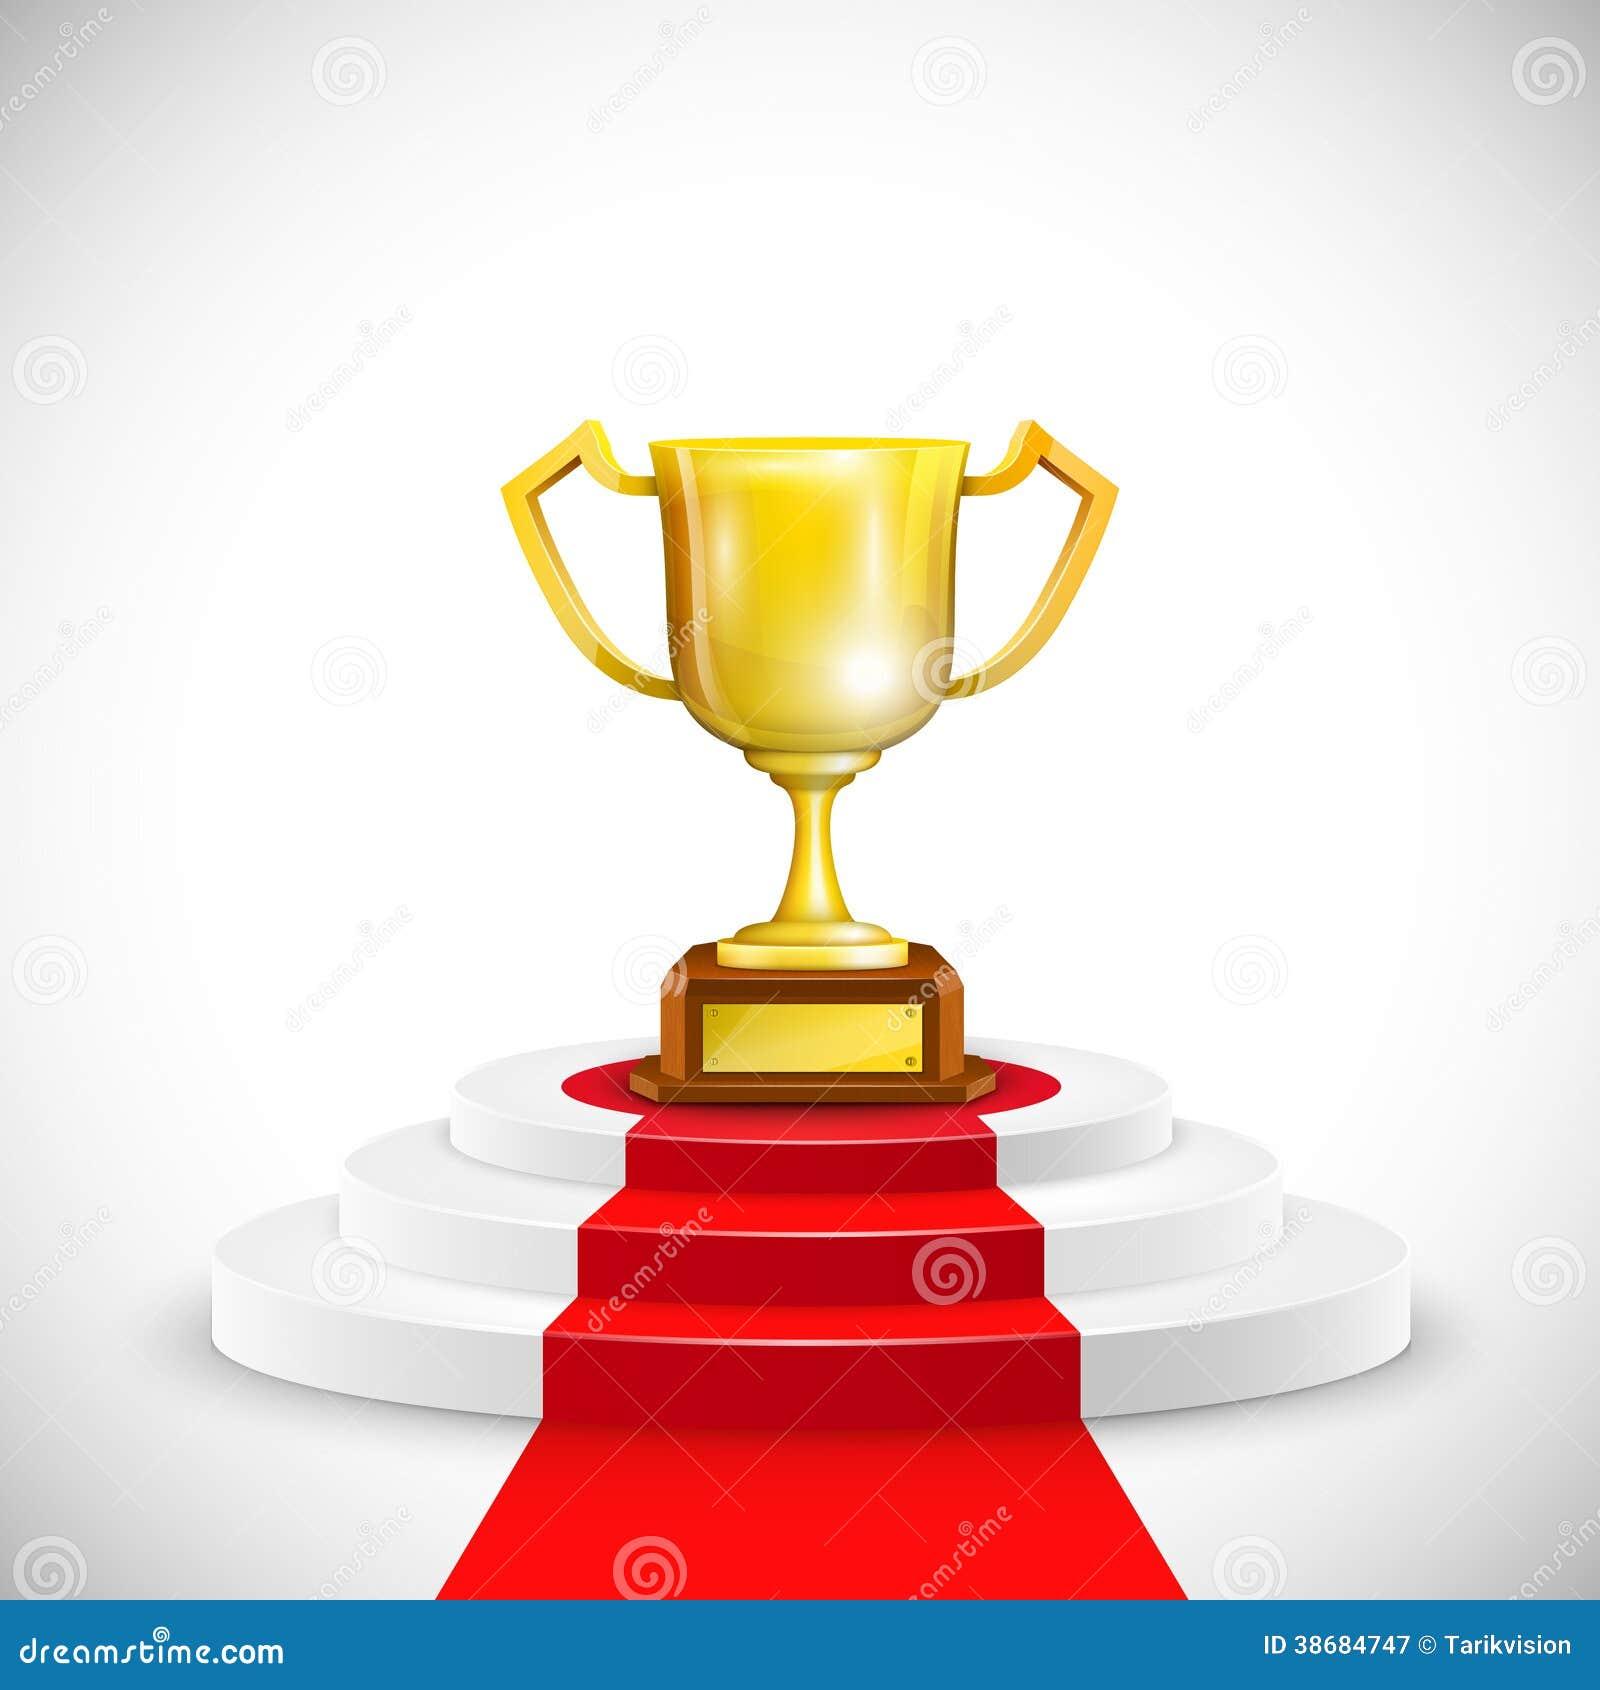 Podium Red Carpet Trophy Cup Vector Illustration on Z Metal For Carpet